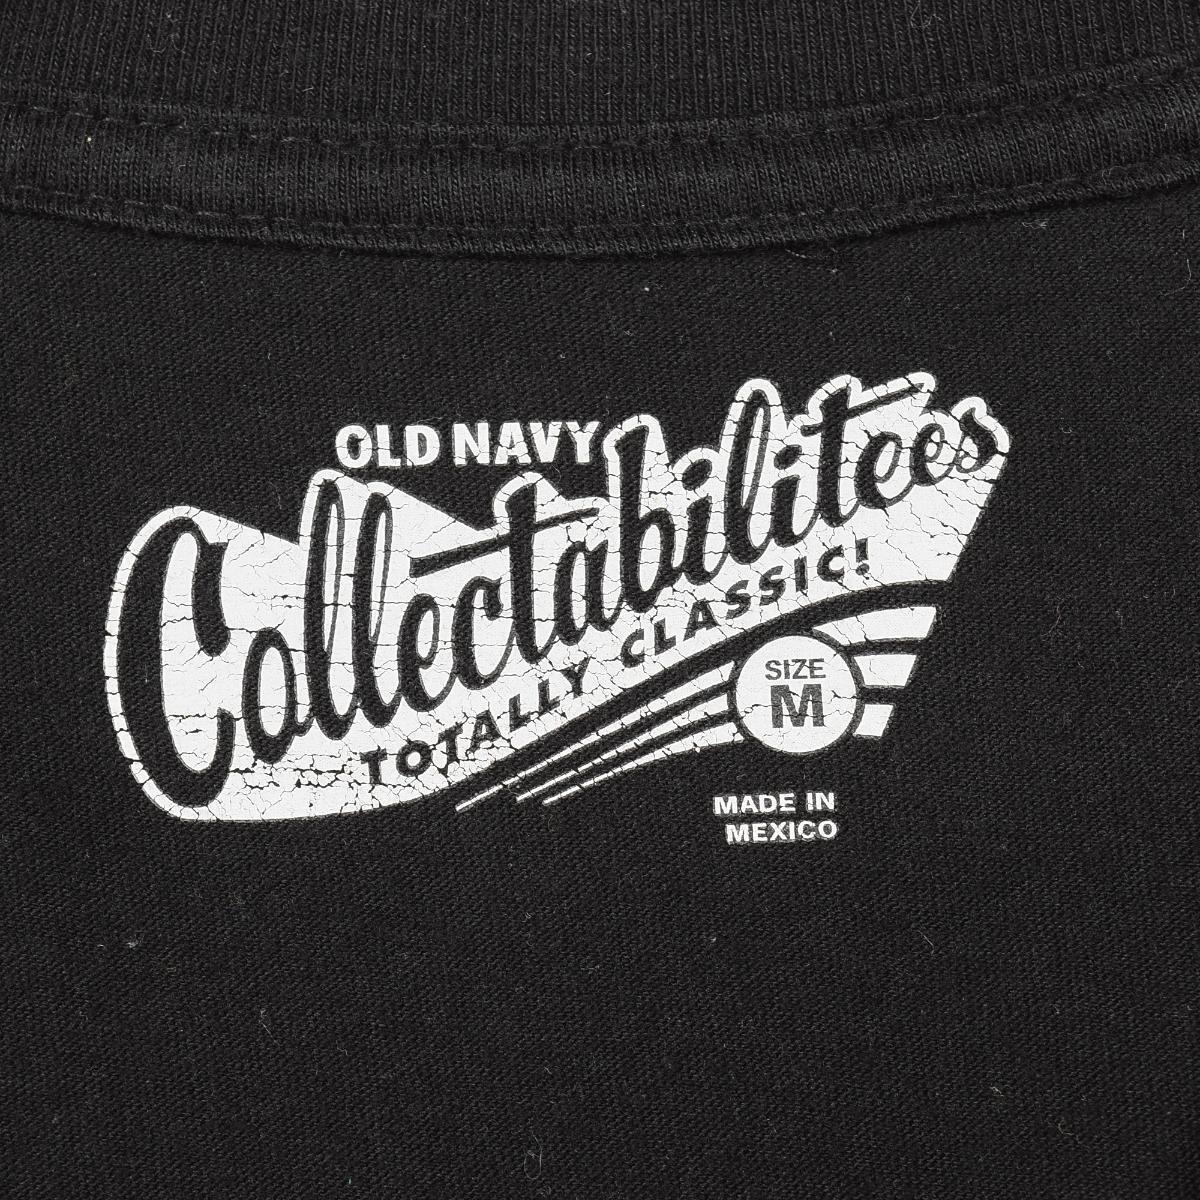 Black t shirt old navy - Bob Marley Bob Marley Band T Shirt Mens M Old Navy Collectabilitees Weo3341 160505